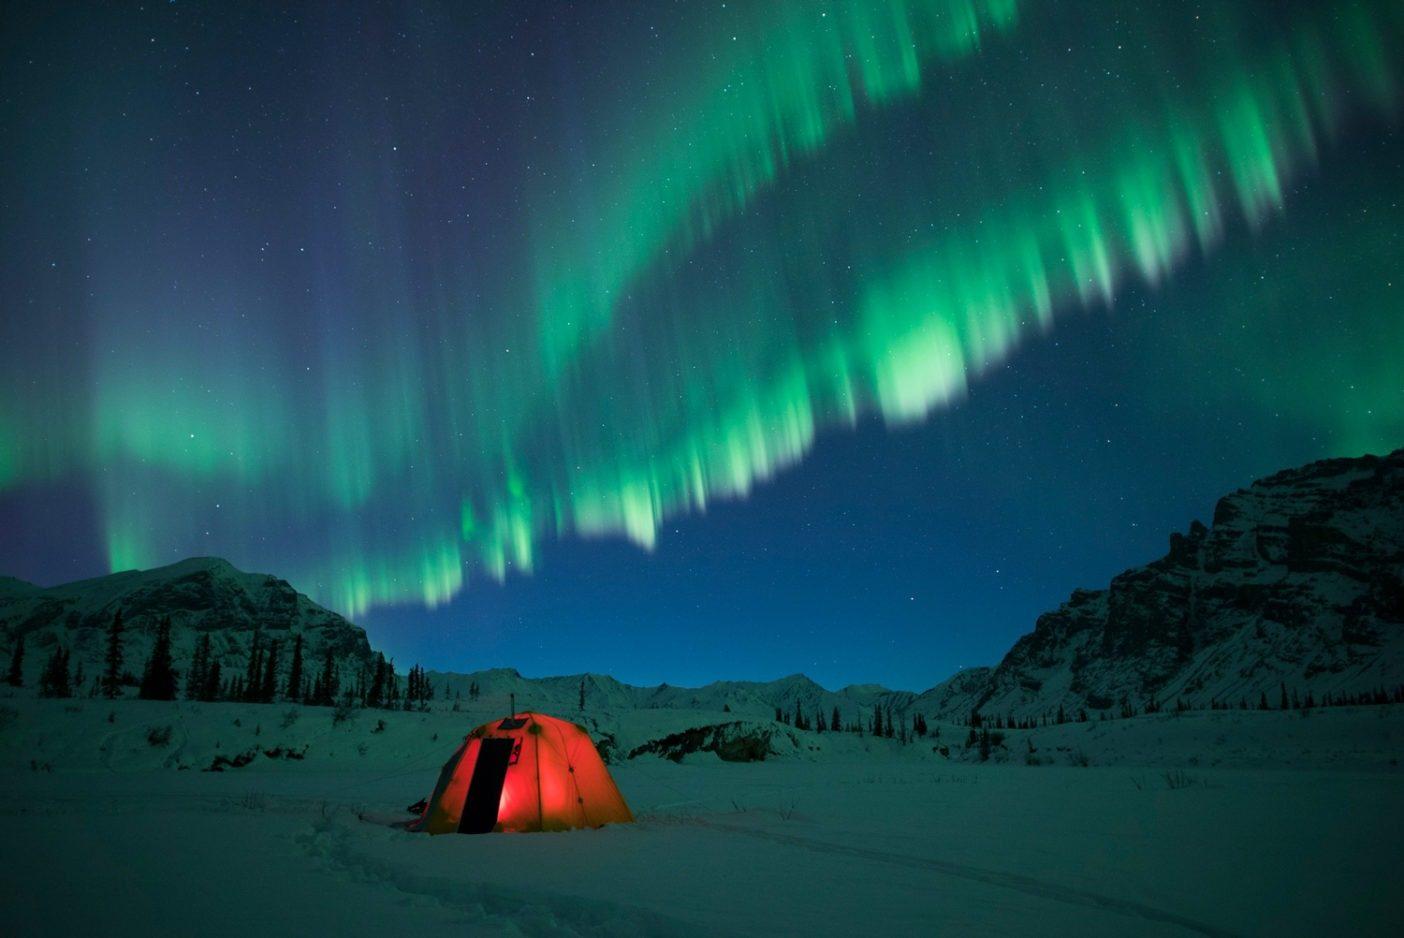 北極圏野生生物保護区はバックパッキング、キャンピング、クライミング、フィッシングなど、無類の原生地域を体験させてくれる。保護区内には電話はなく、携帯電話もつながらず、キャンプ場も案内所もない。遠隔地であり、また過酷な状況がありうるため自立自助が不可欠であると同時に、真の冒険という体験が保証されている。Photo: Florian Schulz